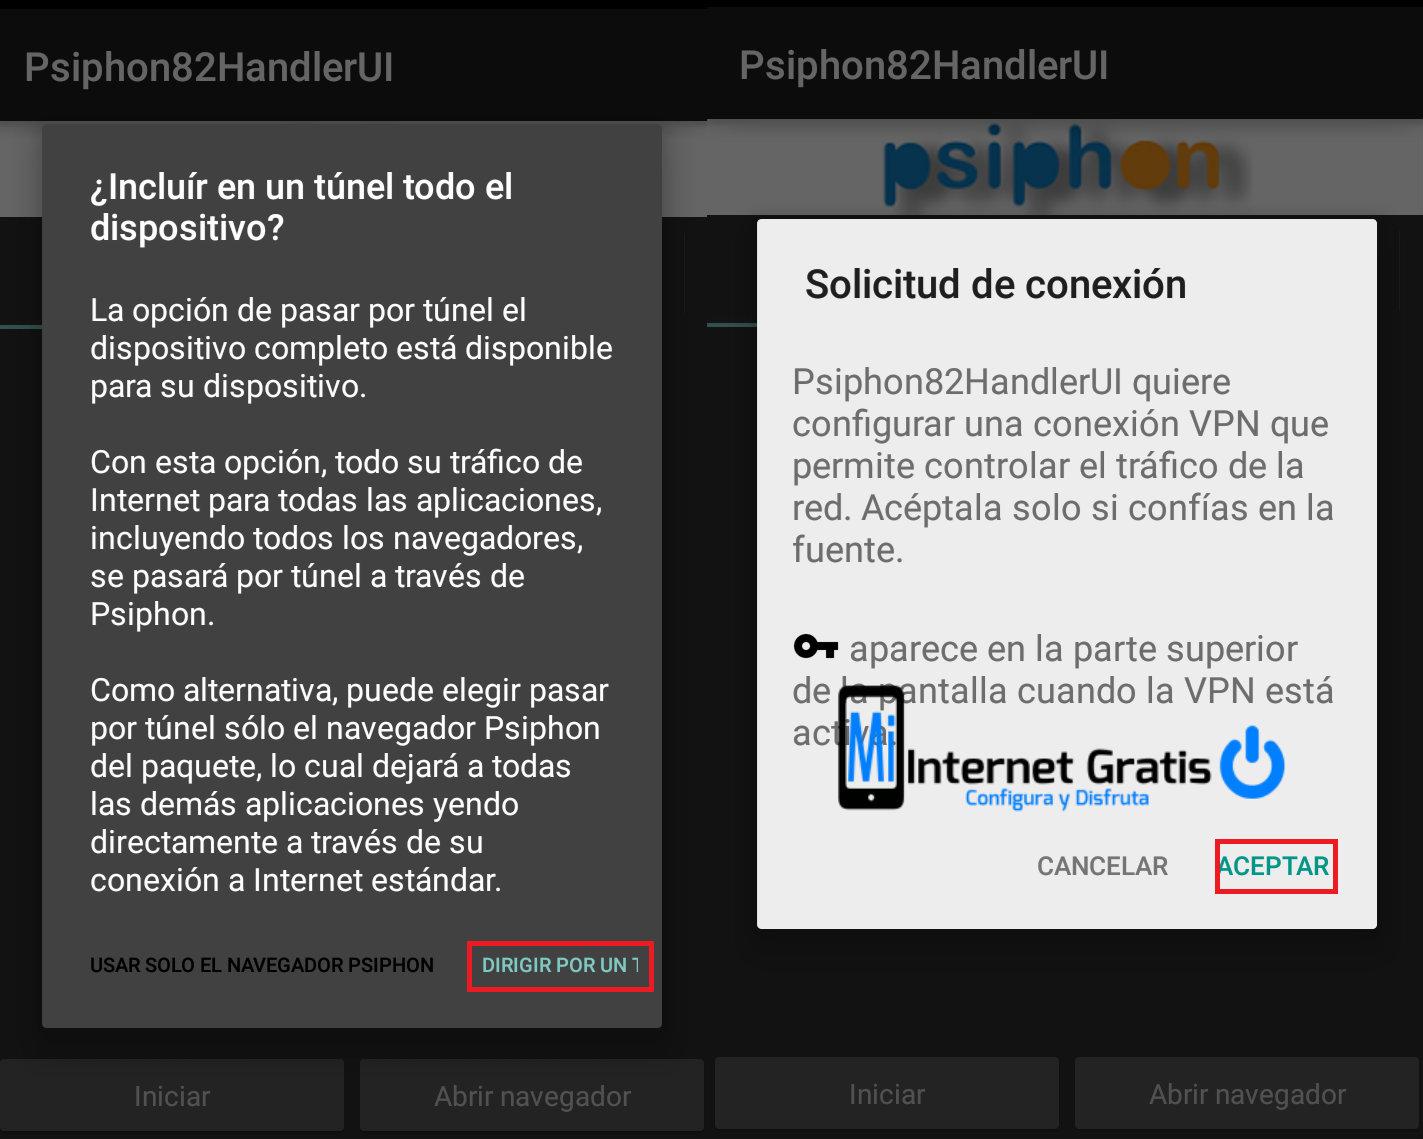 Come avere Internet Telcel gratuito 2016? 1